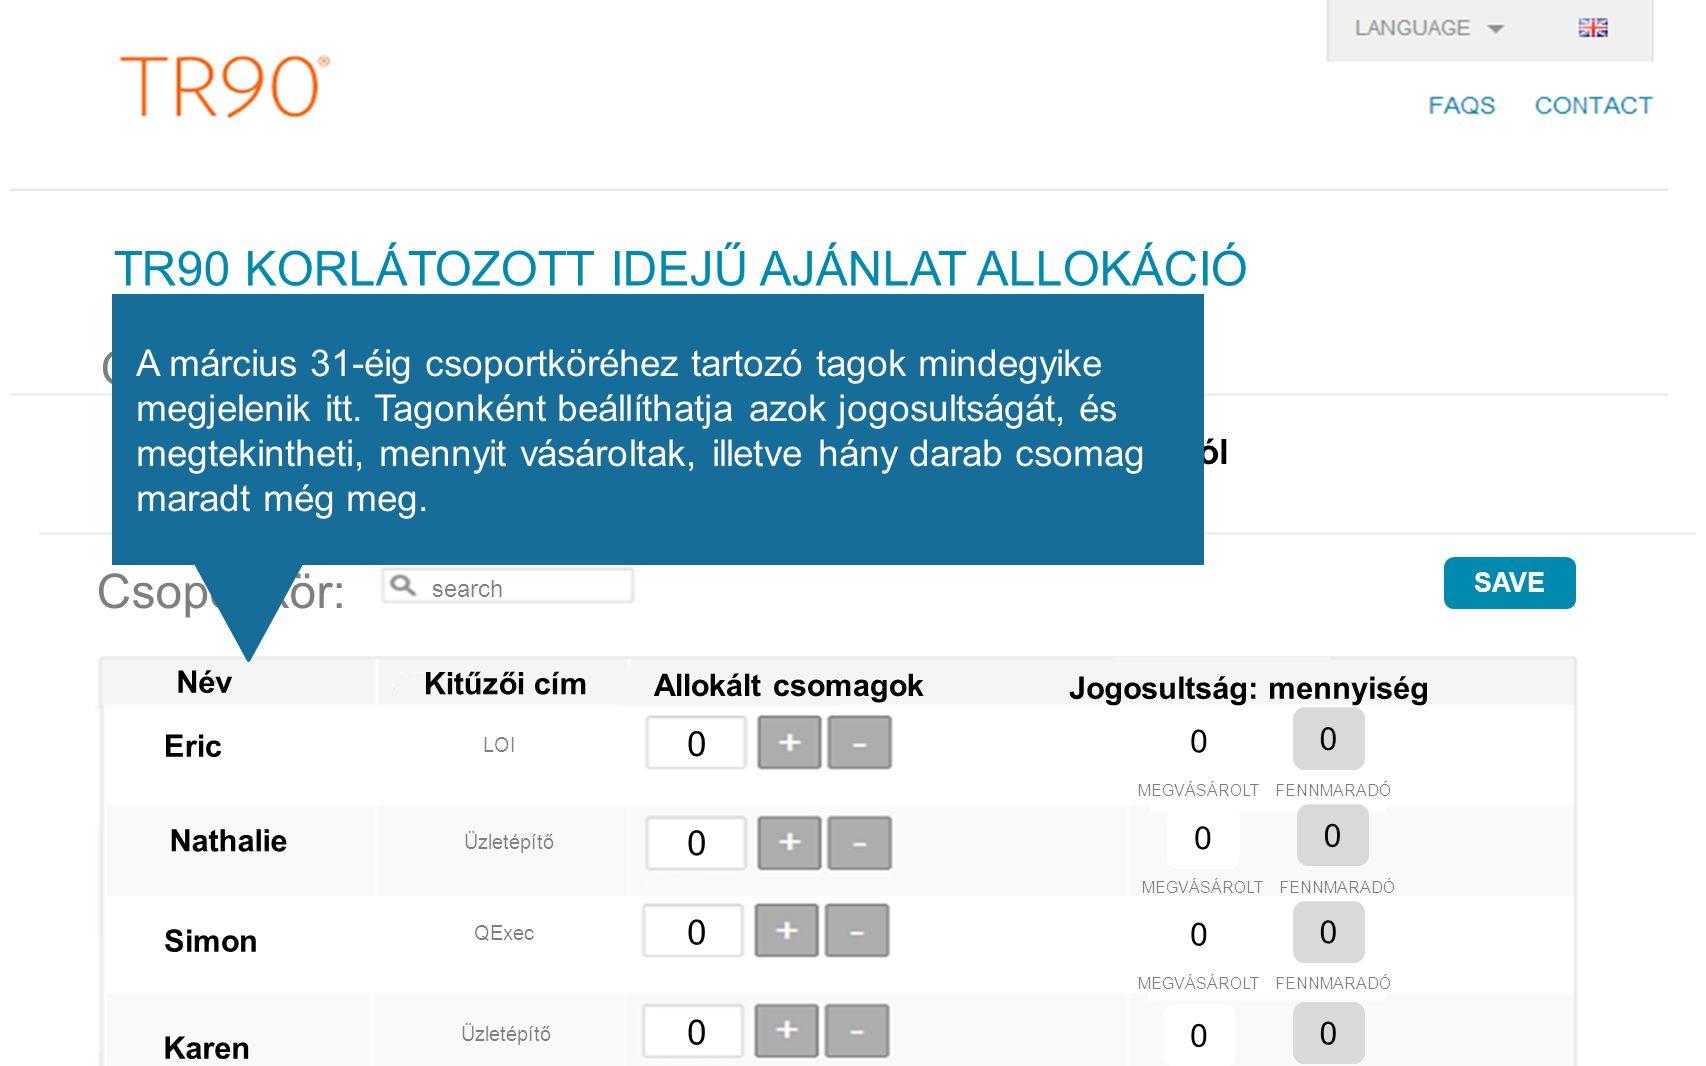 TR90 KORLÁTOZOTT IDEJŰ AJÁNLAT ALLOKÁCIÓ Ön : 0 Mark MEGVÁSÁROLT 10 csomag áll rendelkezésre allokáció céljából Csoportkör: search Név Kitűzői cím Allokált csomagok Jogosultság: mennyiség 0 0 MEGVÁSÁROLT FENNMARADÓ Eric Nathalie Simon Karen 0 0 MEGVÁSÁROLT FENNMARADÓ 0 0 MEGVÁSÁROLT FENNMARADÓ 0 0 MEGVÁSÁROLT FENNMARADÓ Üzletépítő QExec LOI Üzletépítő SAVE 0 0 0 0 A március 31-éig csoportköréhez tartozó tagok mindegyike megjelenik itt.